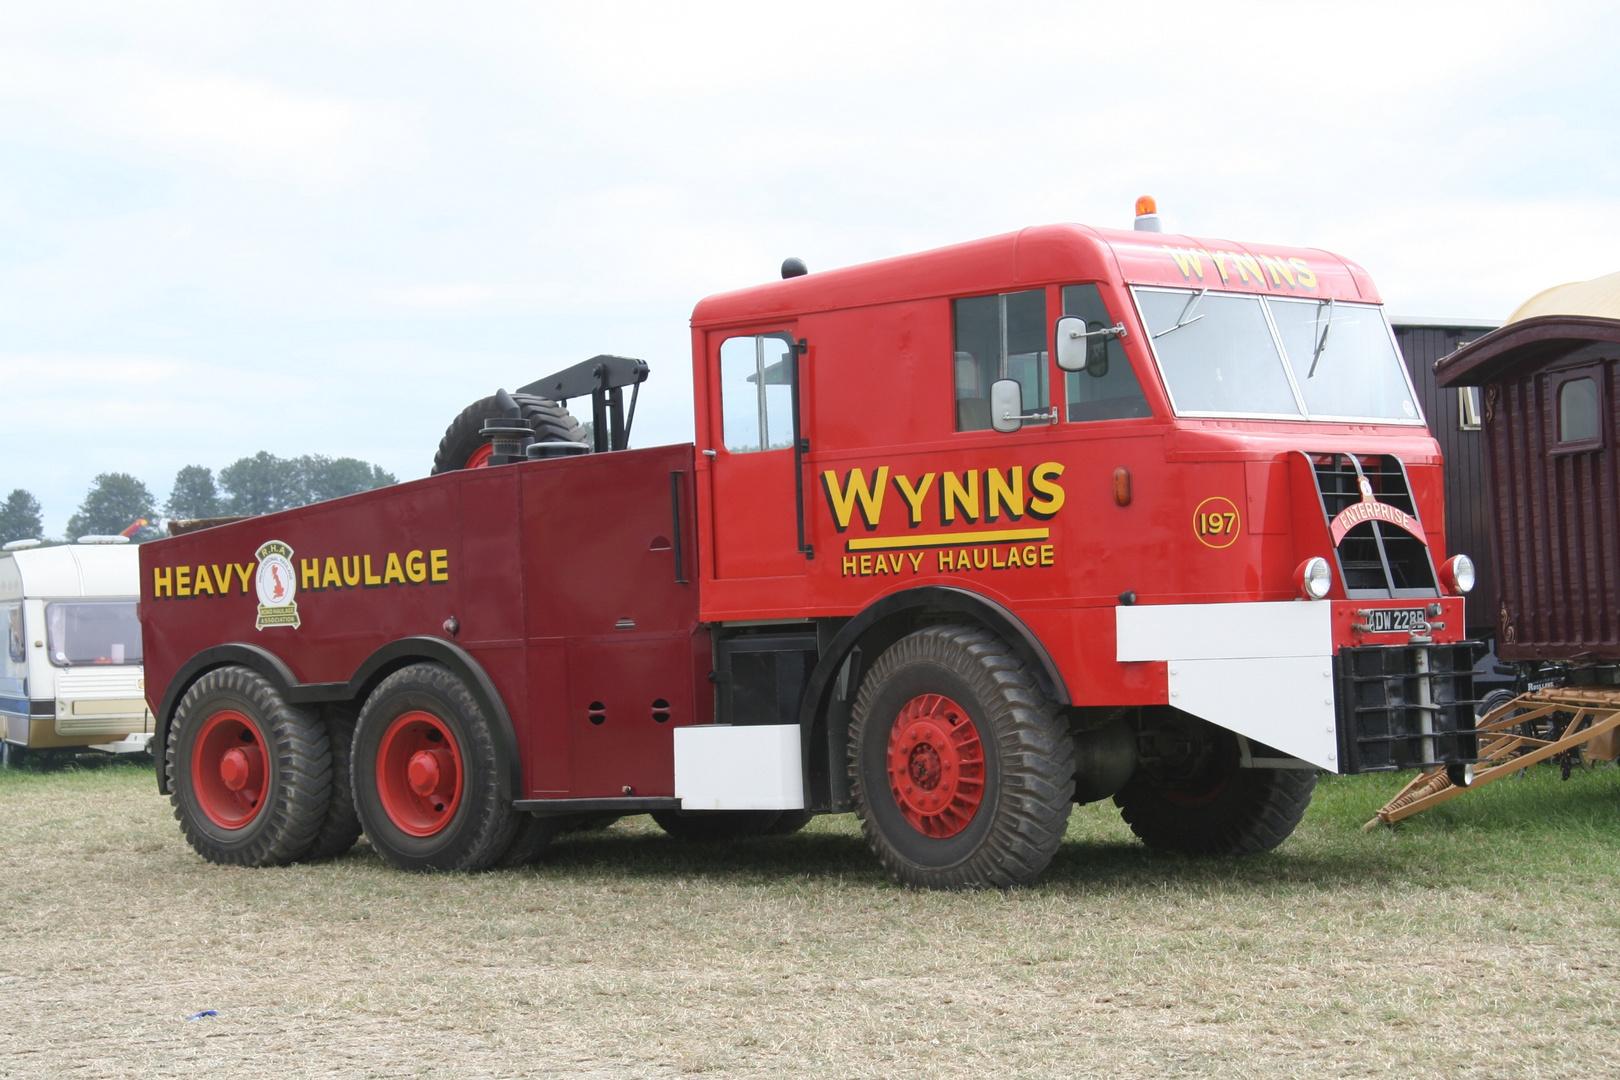 Wynns Heavy Haulage I